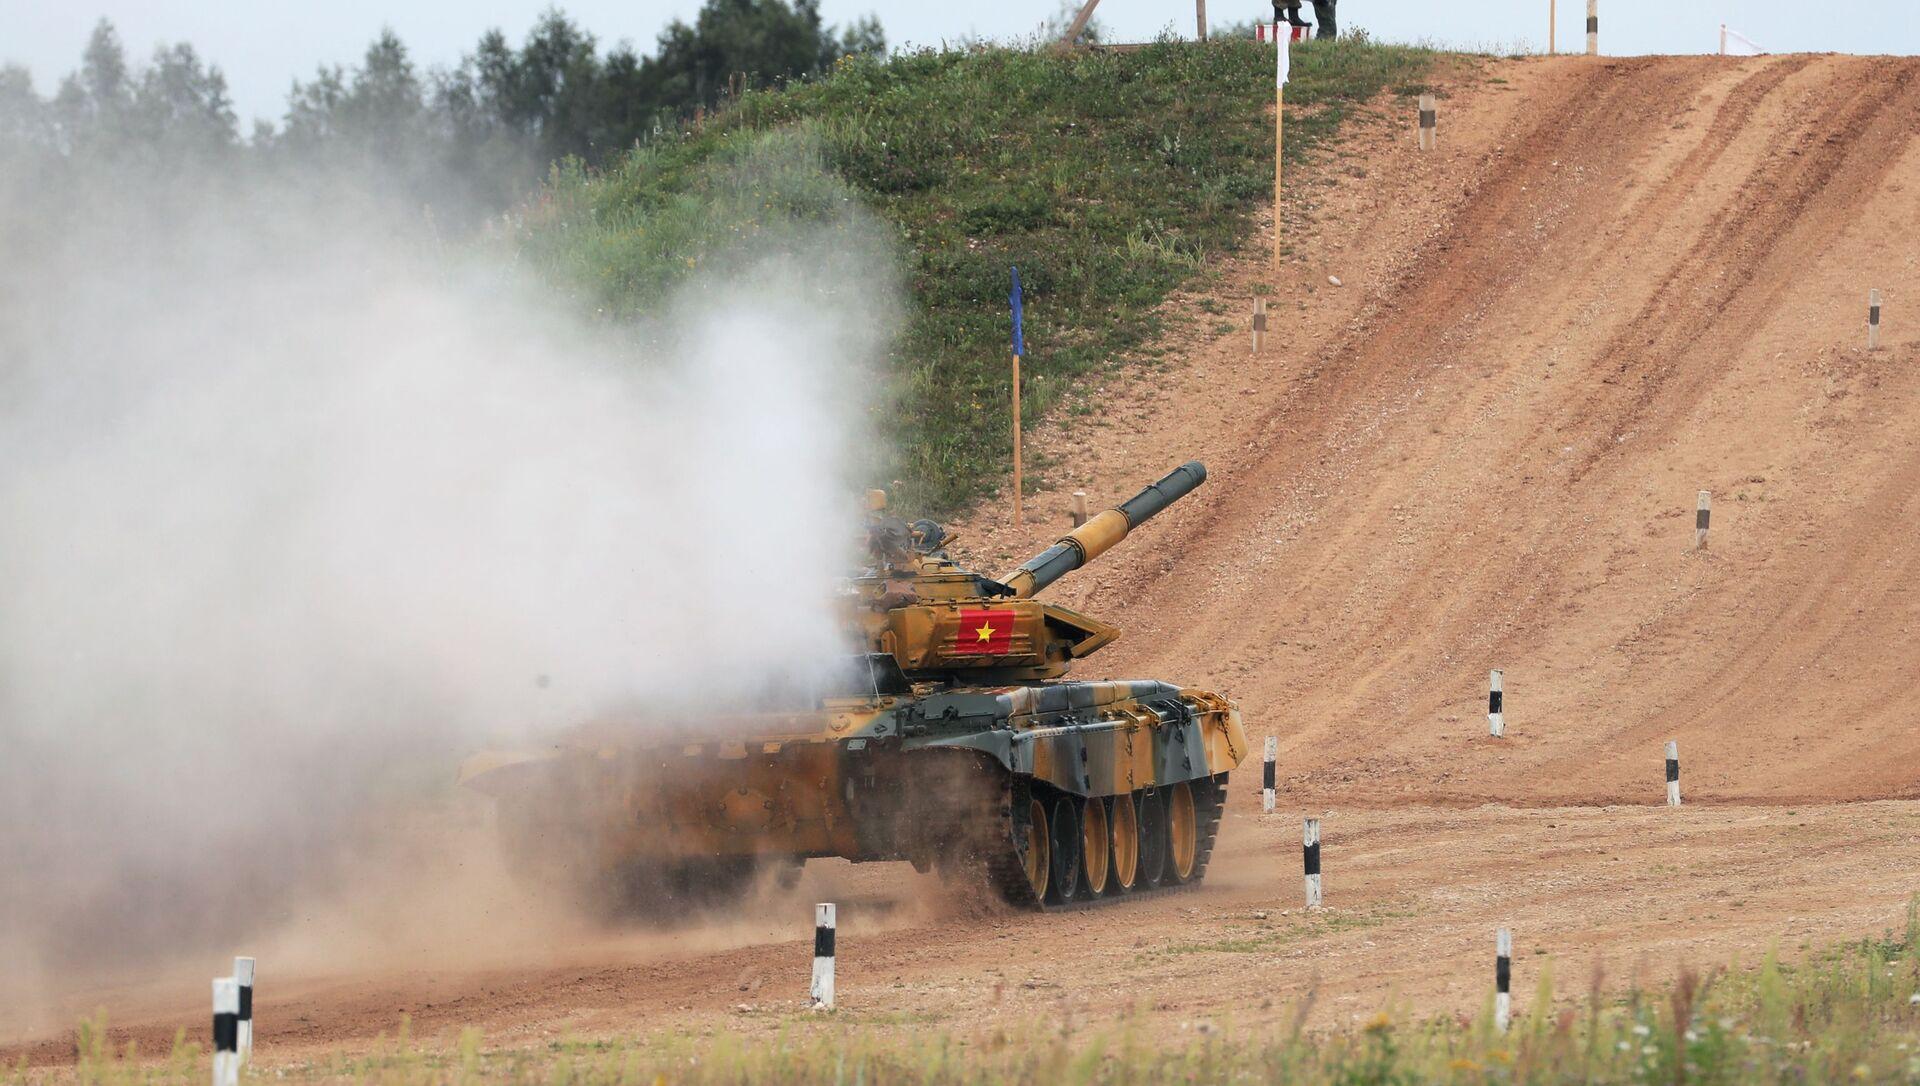 Xe tăng T-72 của đội tuyển Việt Nam tại buổi thi đấu của các kíp xe tăng trong khuôn khổ cuộc thi Tank Biathlon 2020 tại bãi tập Alabino.   - Sputnik Việt Nam, 1920, 15.07.2021